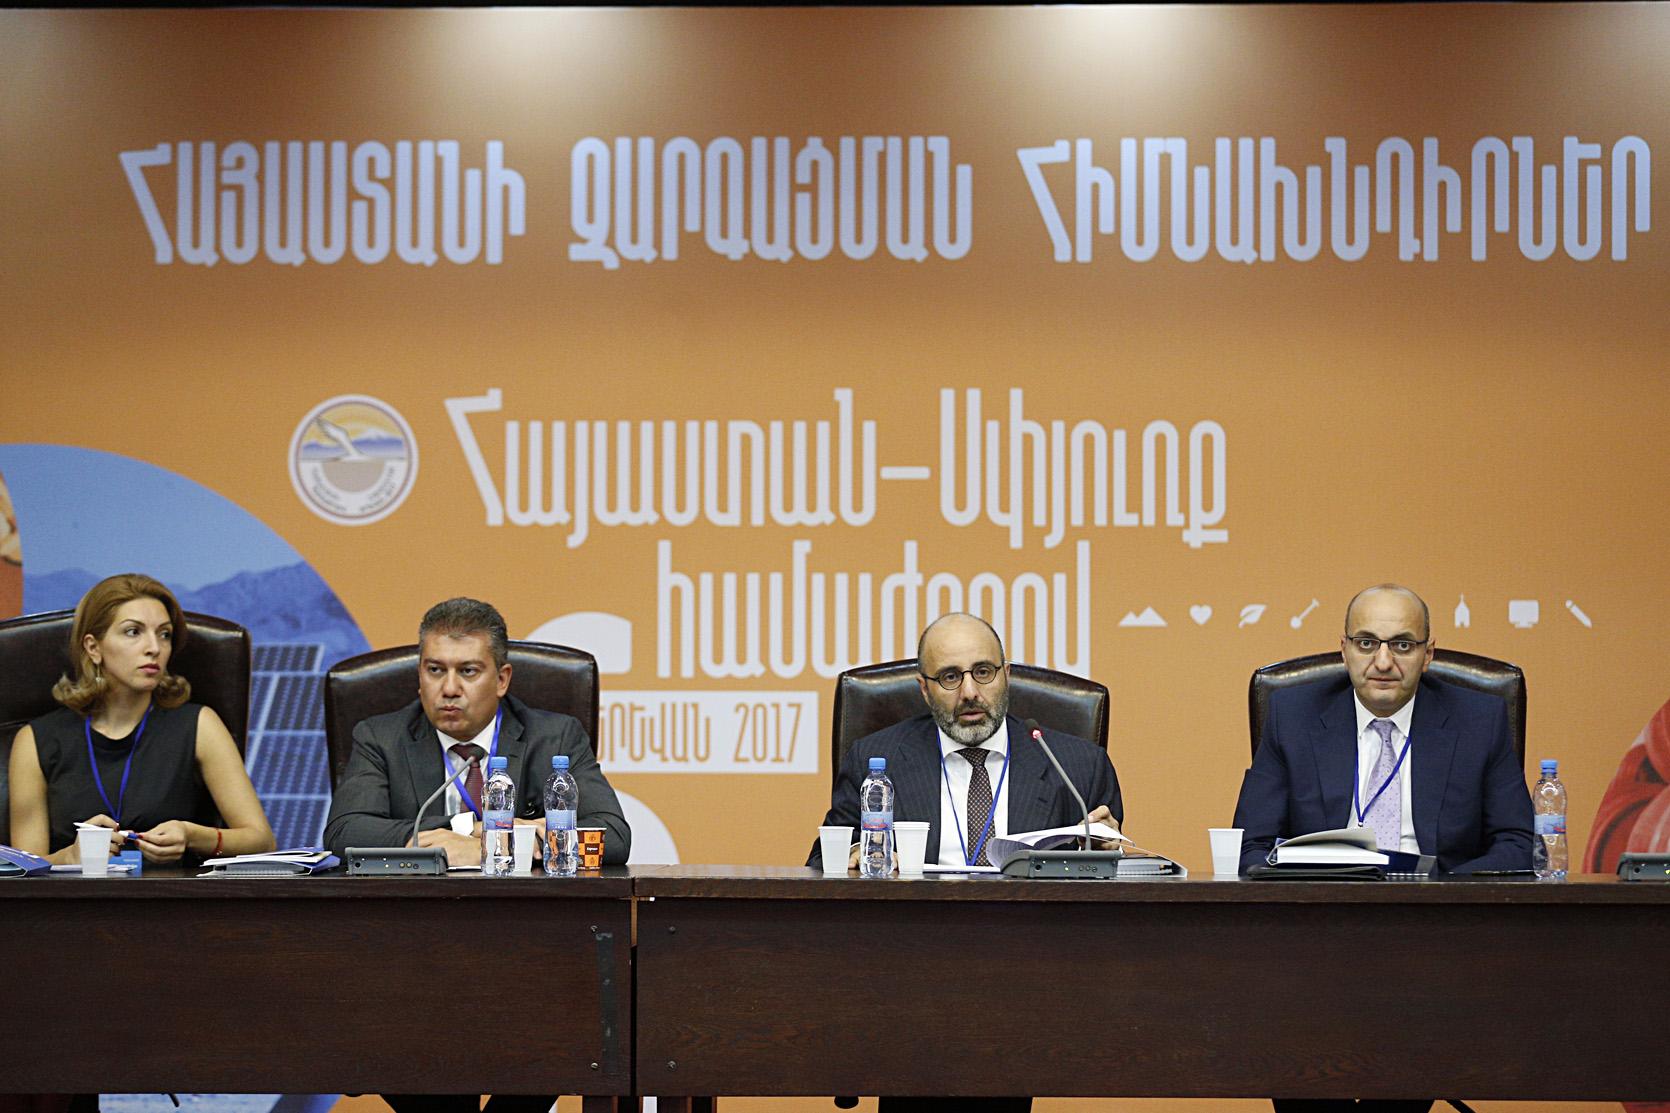 Հայաստան-Սփյուռք համահայկական 6-րդ համաժողովի շրջանակներում քննարկվում է Հայաստանի տնտեսական օրակարգը